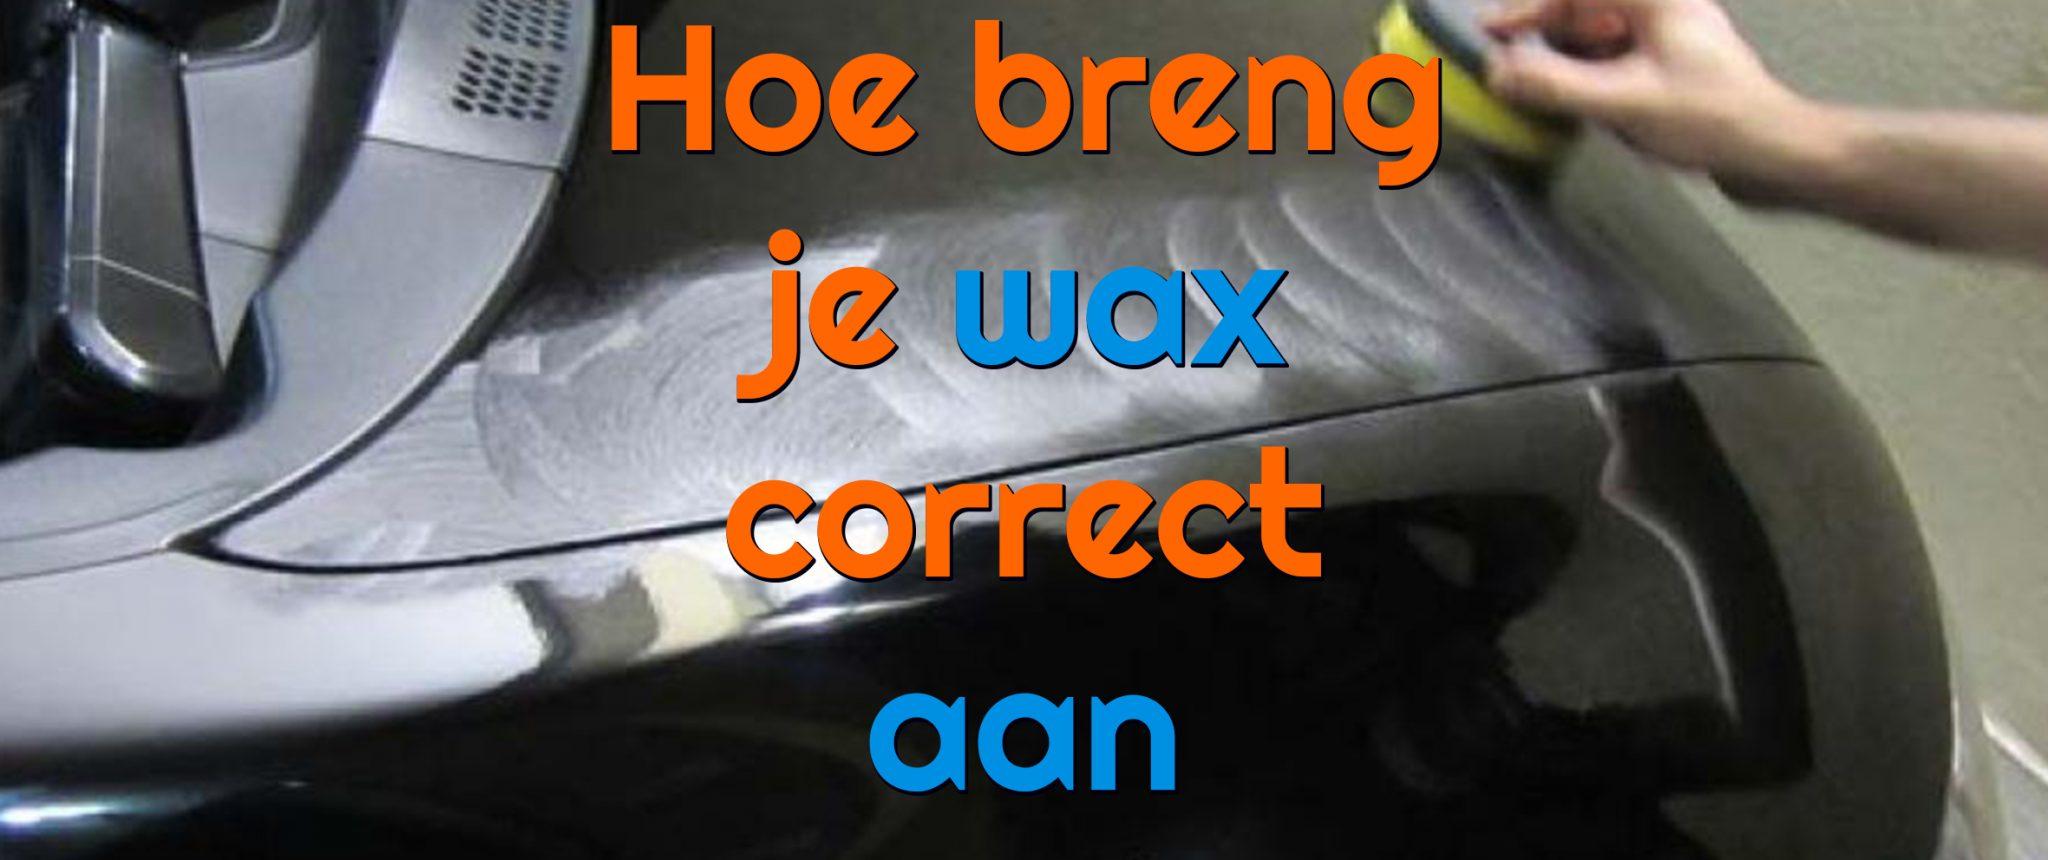 Hoe breng je wax aan zonder spierpijn te krijgen?